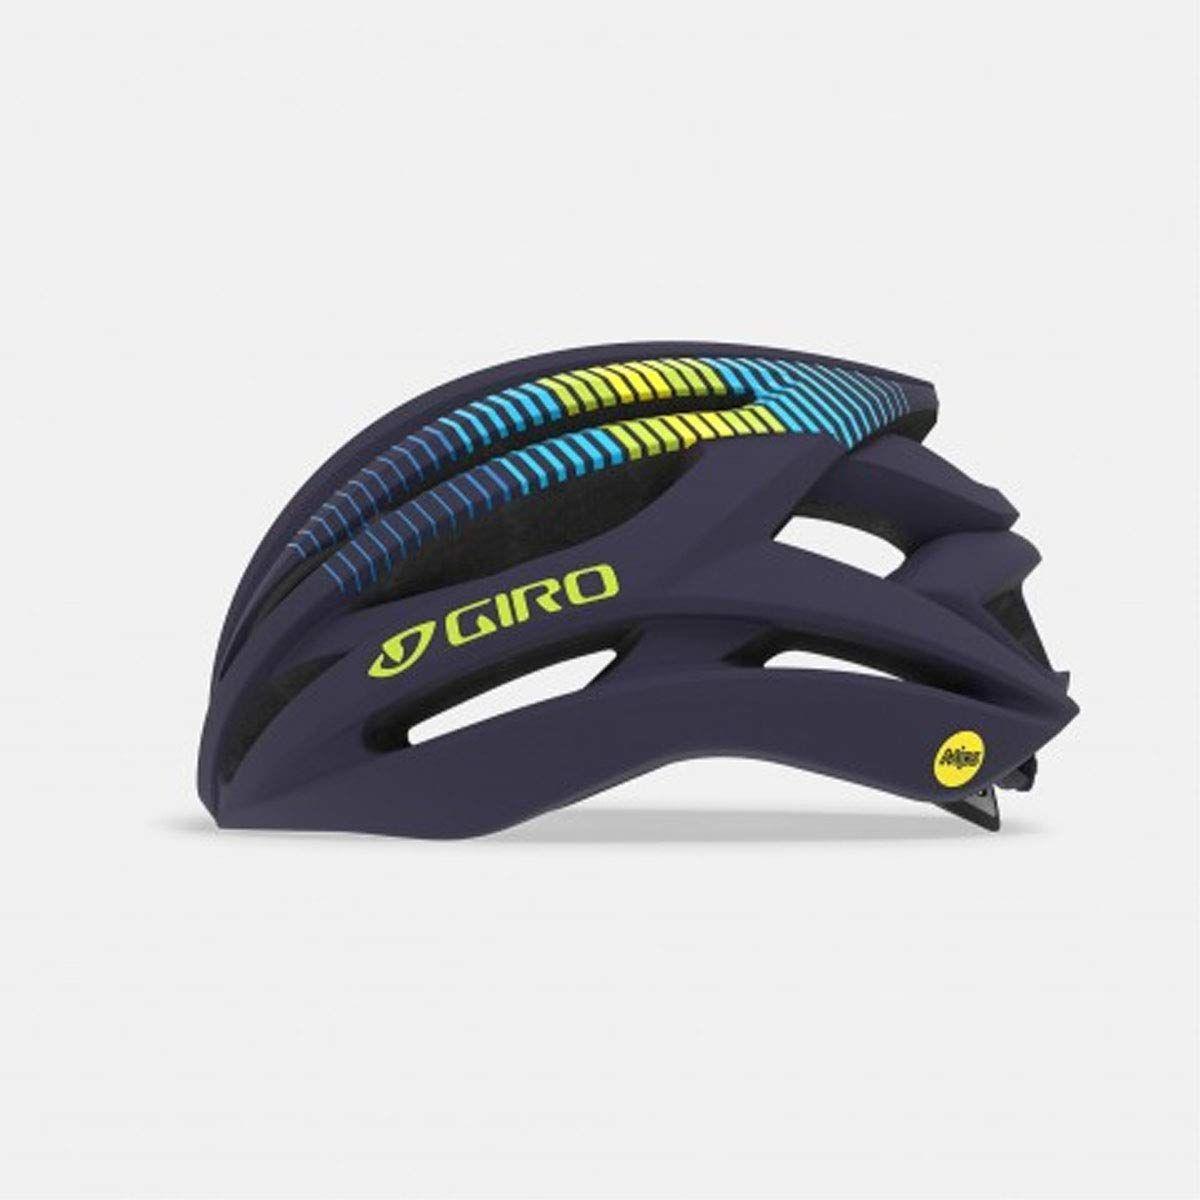 8c6f29b6c71 Giro Women's Seyen Bike Helmet With MIPS